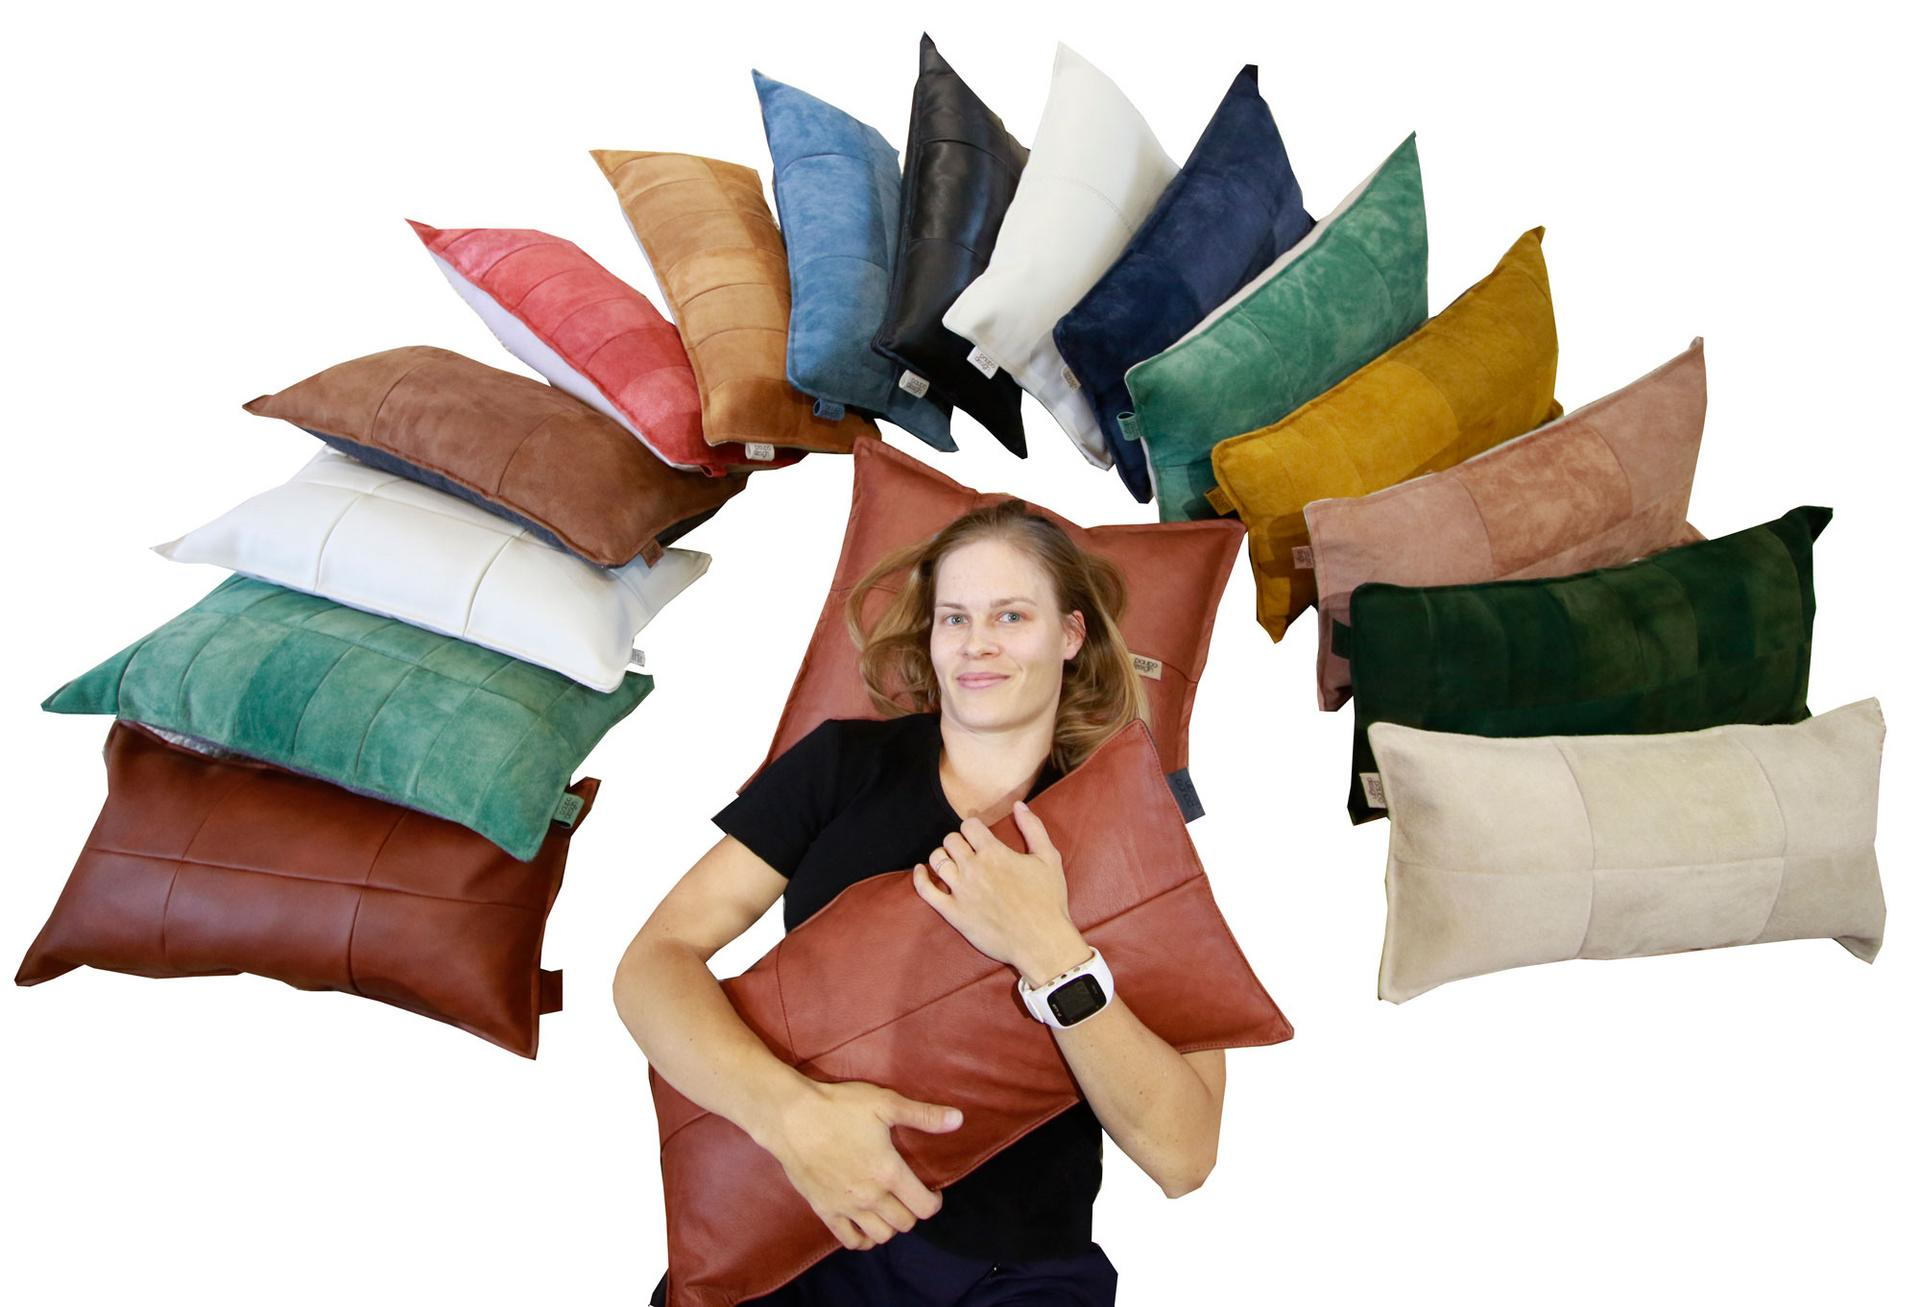 Leena Murasen mukaan materiaalin uudelleenajattelu on tulevaisuutta kaikessa suunnittelussa. Paupo Designin tyynyt syntyvät pääosin kirpputoreilta, kierrätyskeskuksista ja roskalavoilta hankituista materiaaleista.